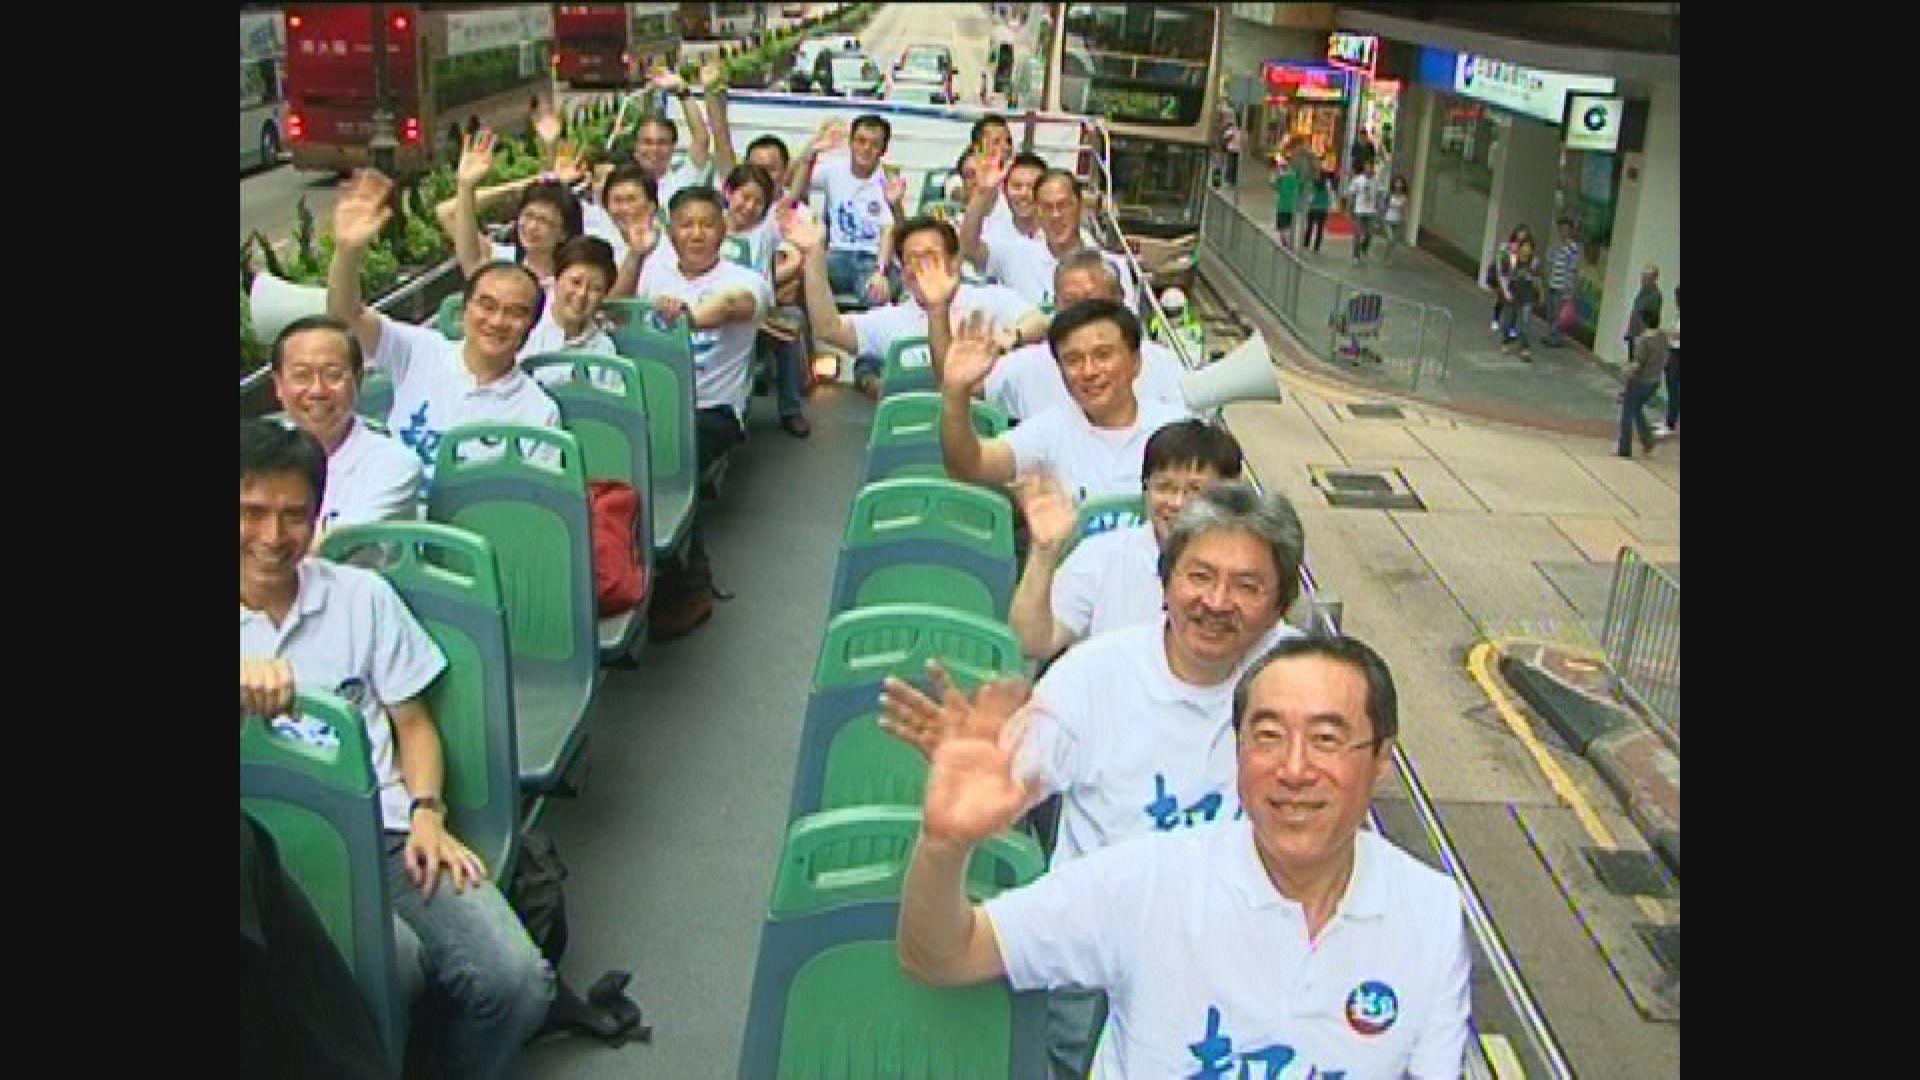 李慧琼引述韓正:完善選舉安排後將集中精力解決經濟民生問題